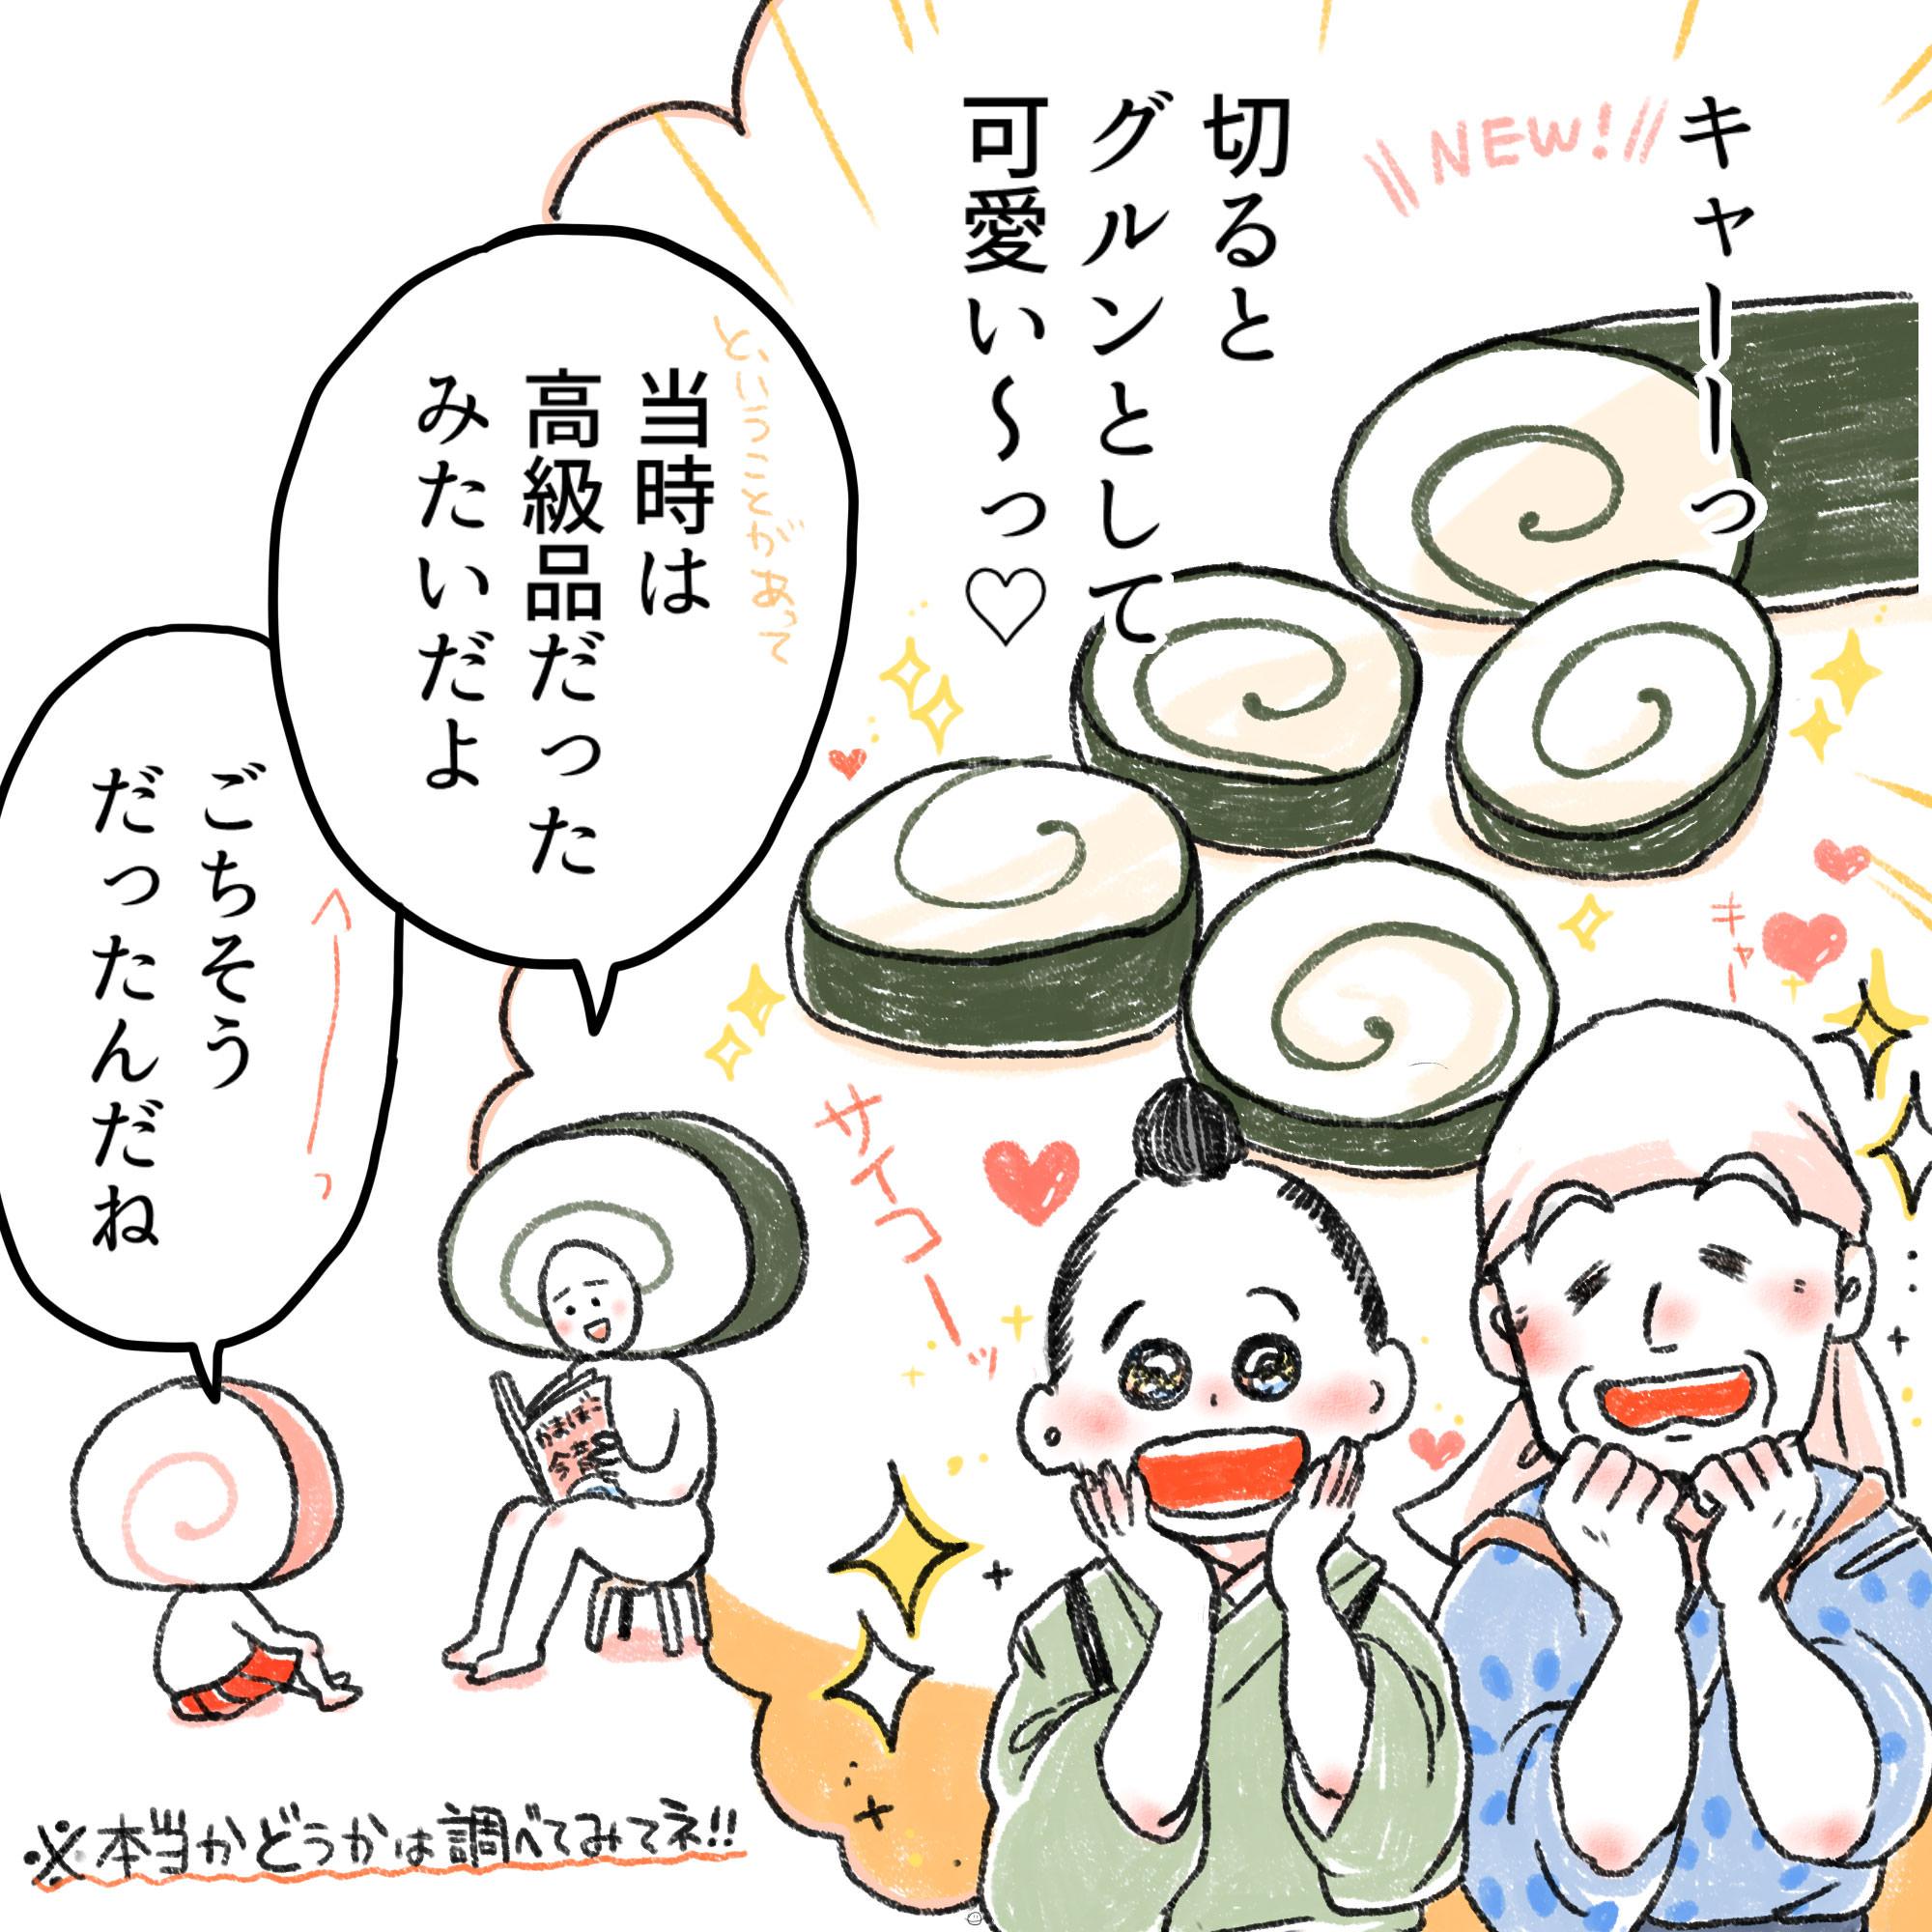 ウメカマンガ 2本目 富山の板なしかまぼこは昆布巻が起源?